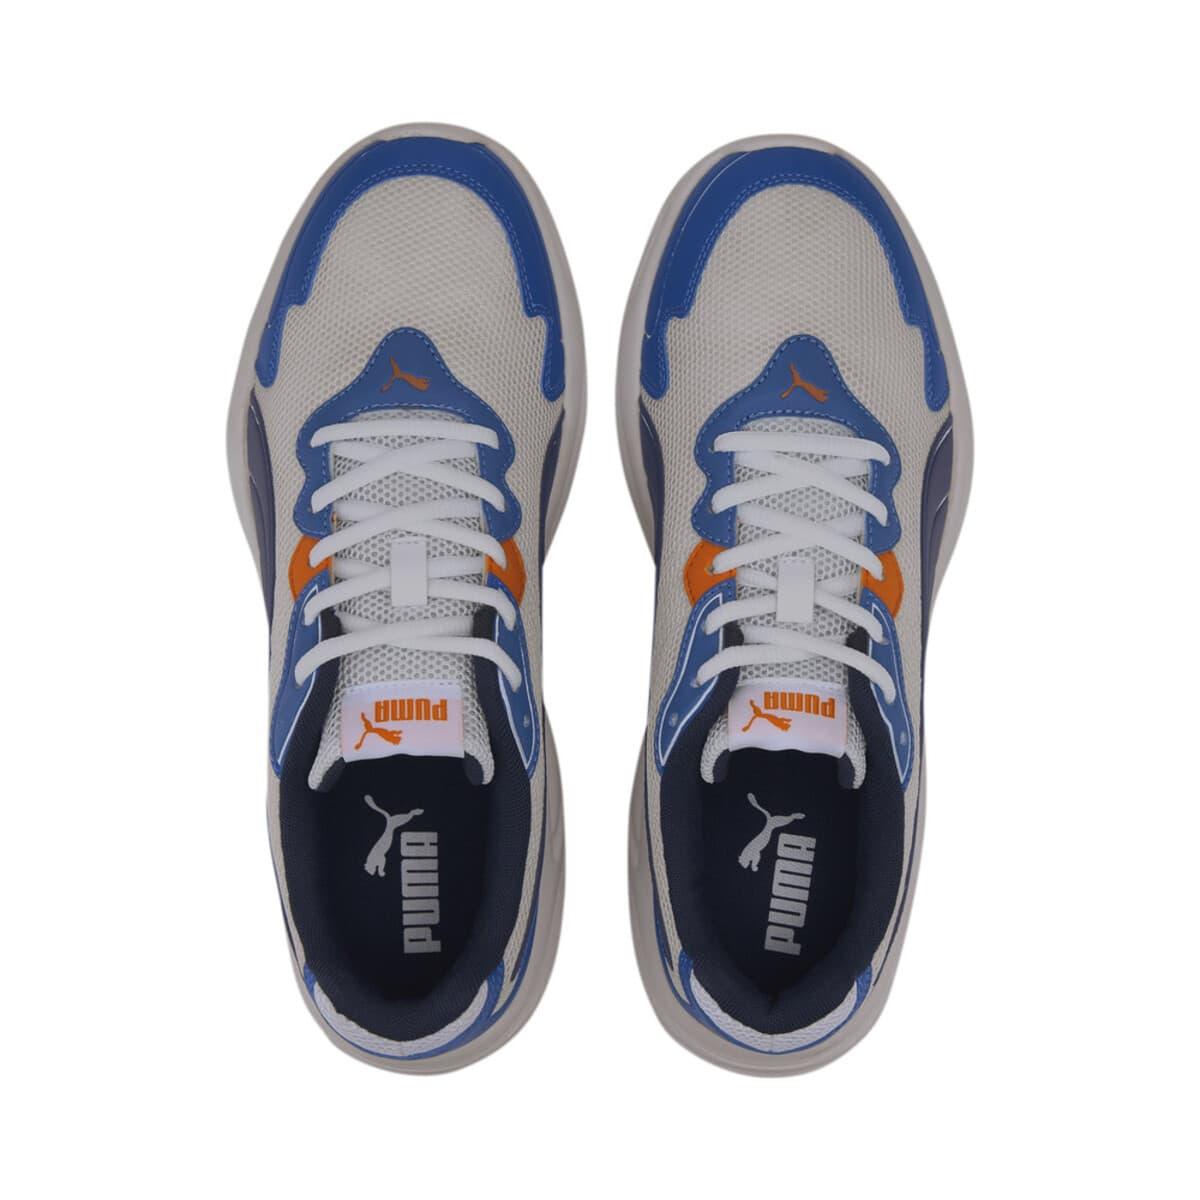 90s Runner Nu Wave Erkek Beyaz Spor Ayakkabı (373017-03)